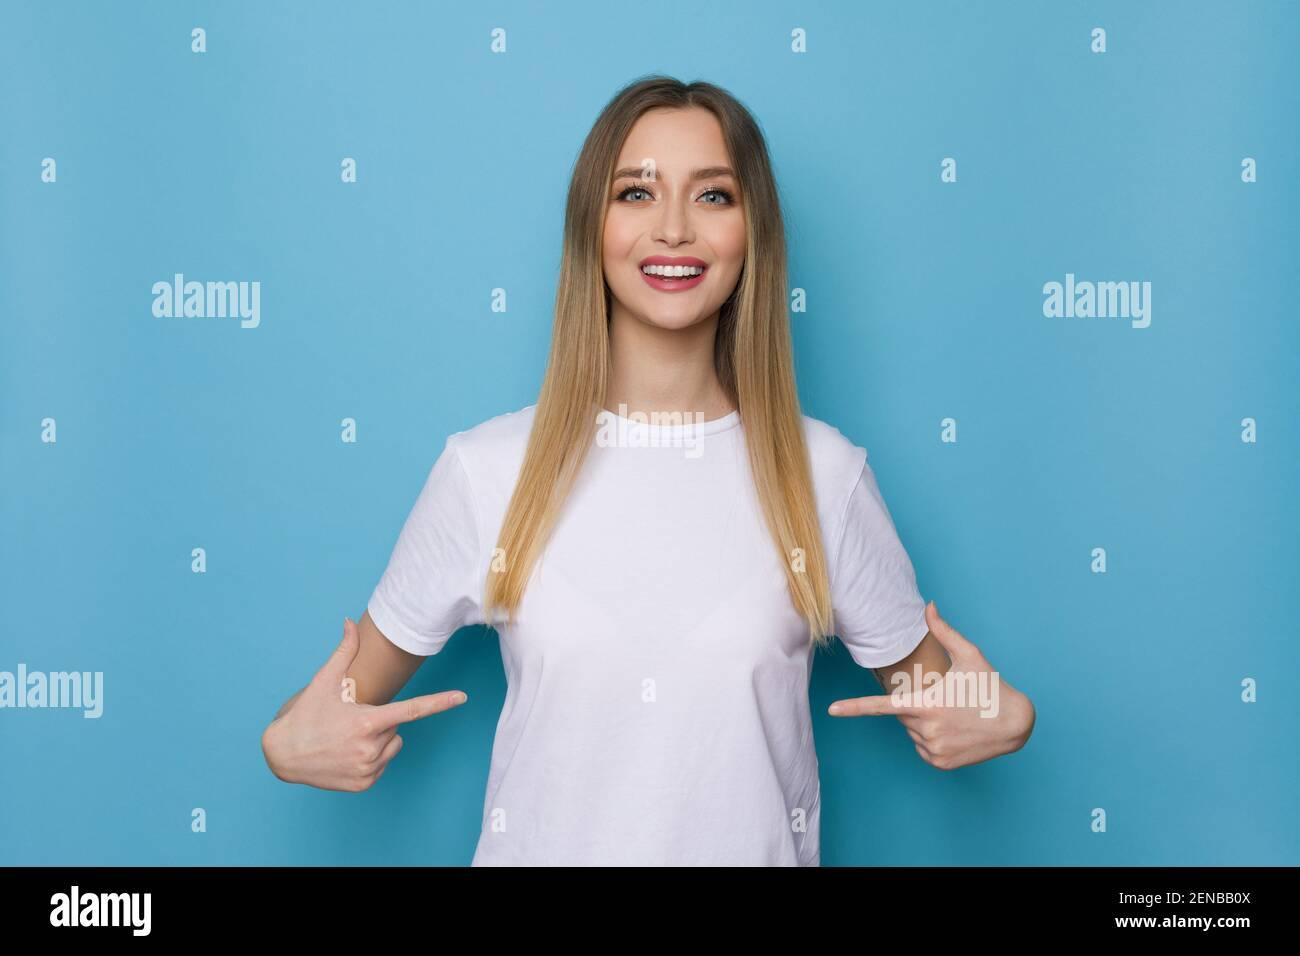 Une fille souriante en chemise blanche se pointe vers elle-même. Taille haute studio tourné sur fond bleu. Banque D'Images